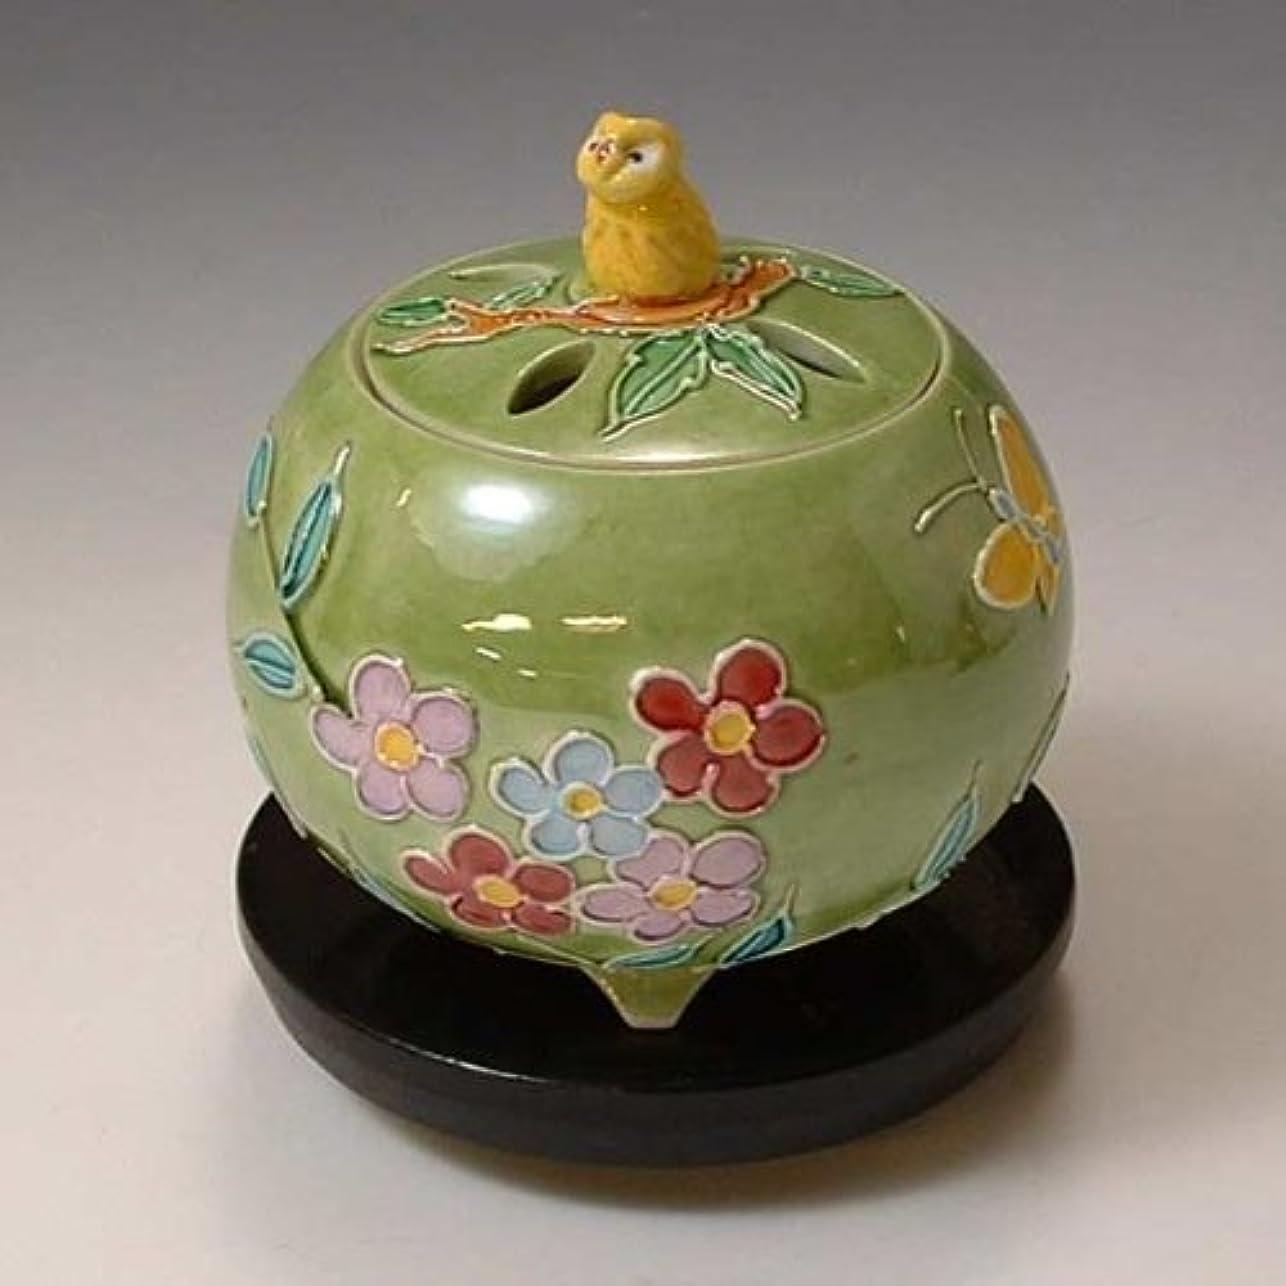 京焼 清水焼 香炉(黒台付) 黄ふくろう きふくろう YSK082